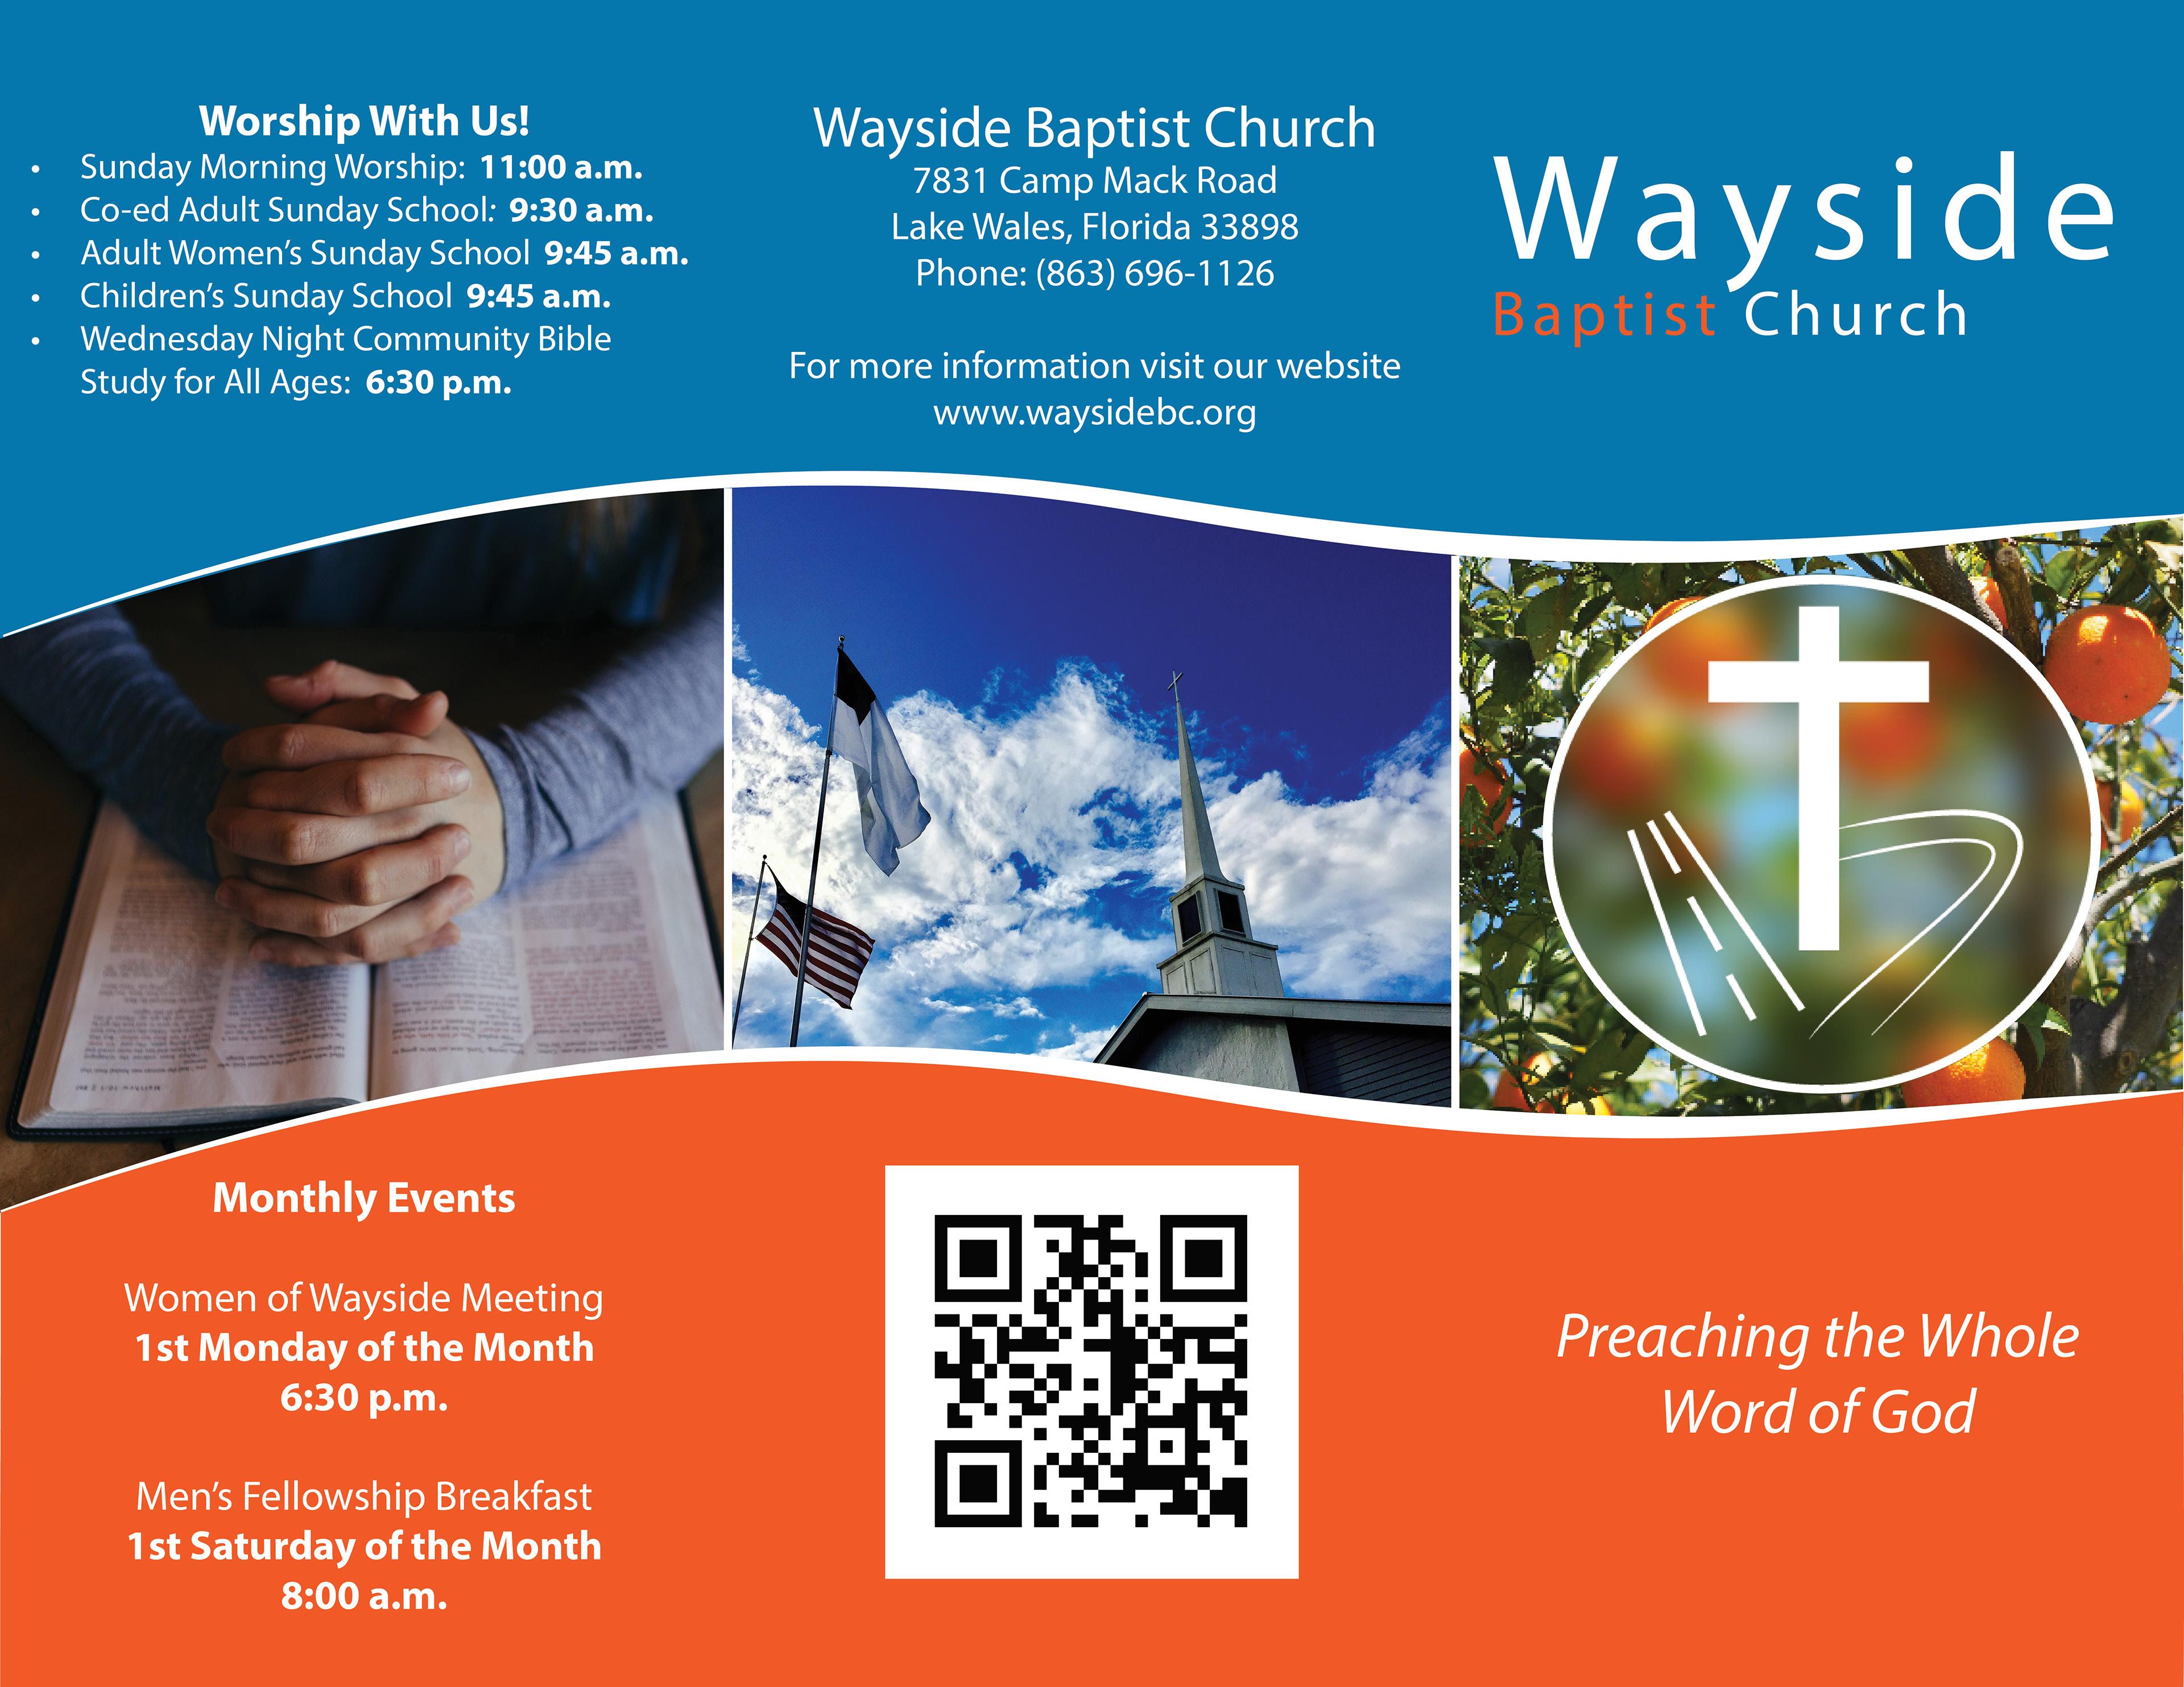 trelane schlenker church visitor brochure